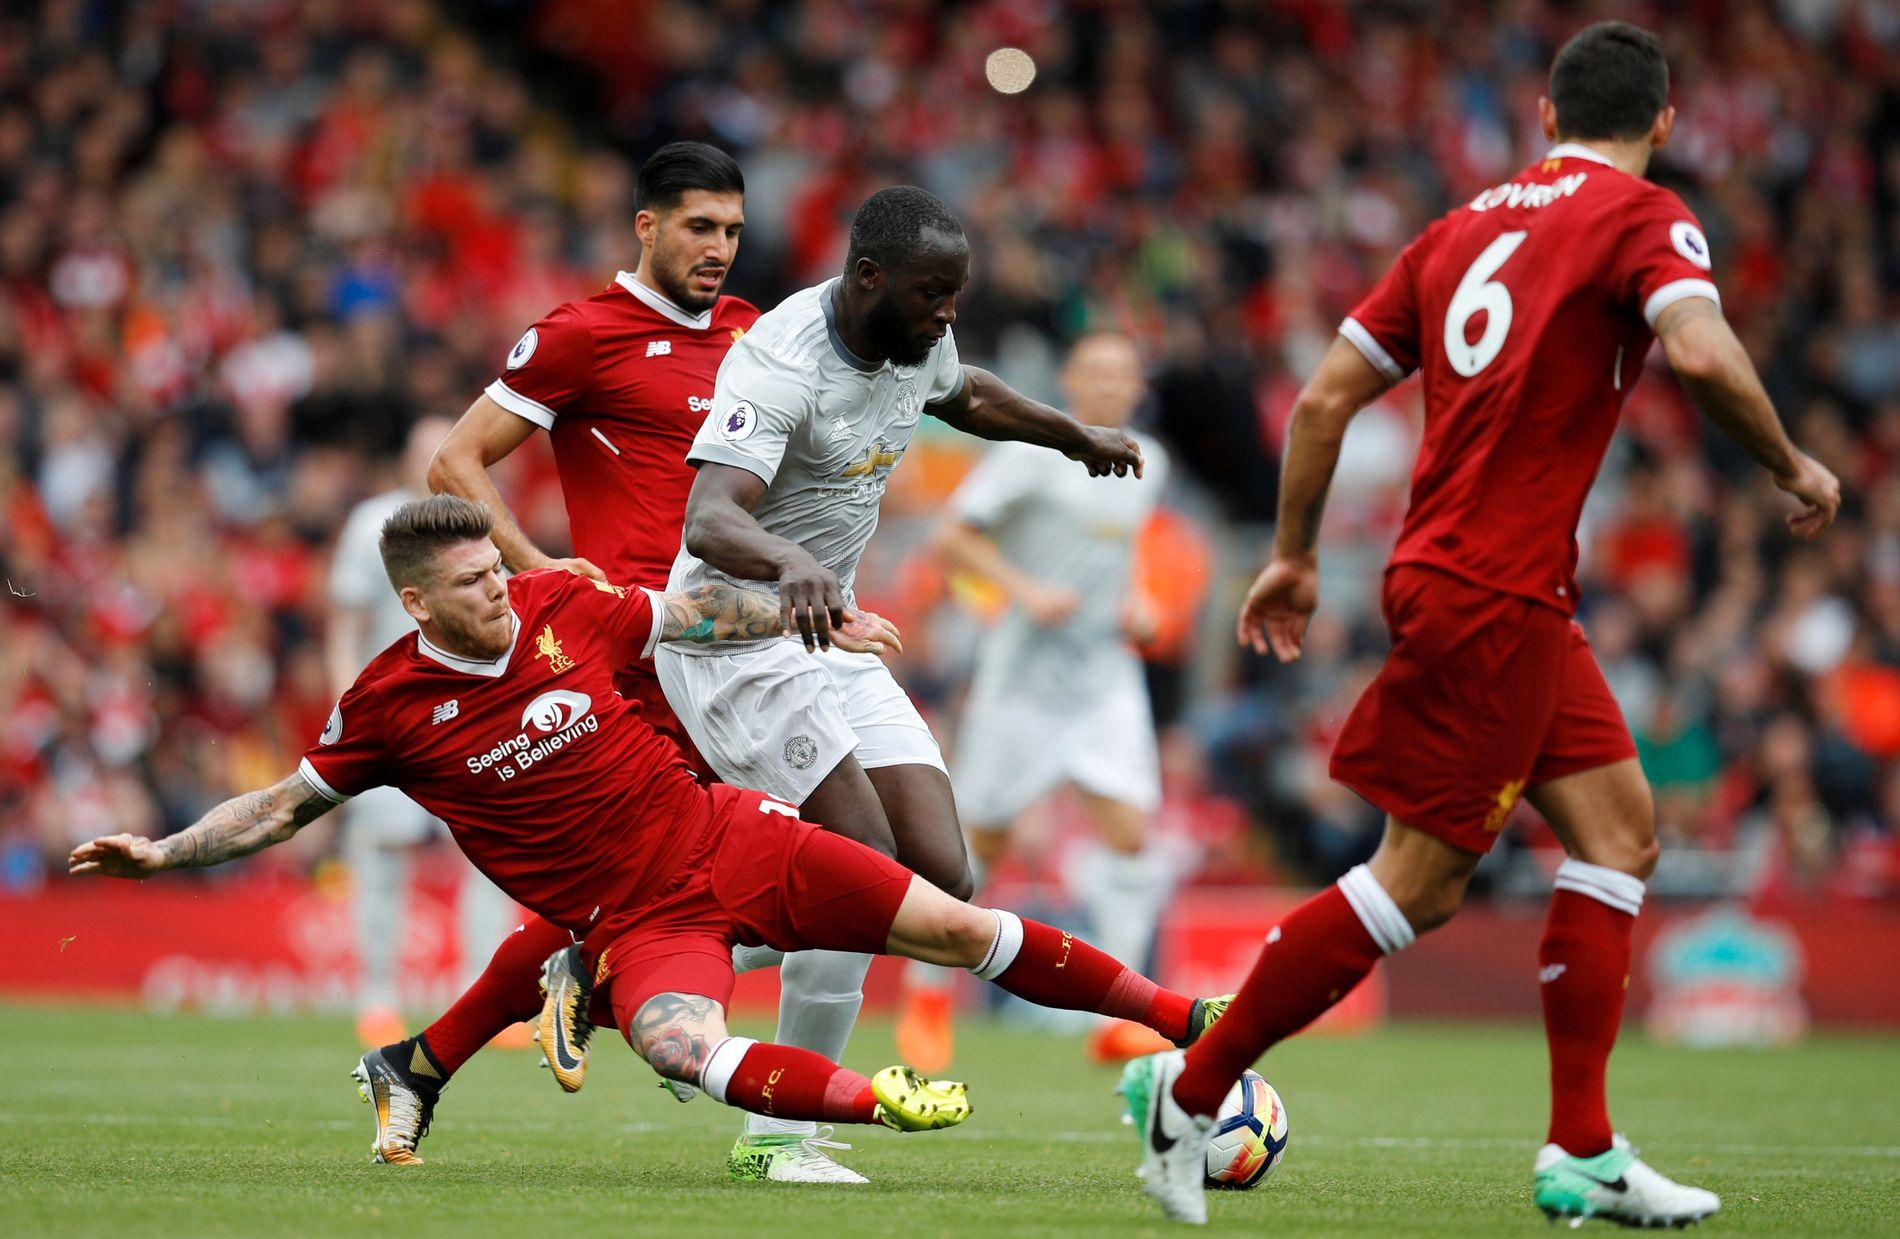 KNEBLET: Romelu Lukaku ble stoppet av Liverpool-forsvaret lørdag, her representert ved Alberto Moreno (taklende), Emre Can (i bakgrunn) og Dejan Lovren (med ryggen til).